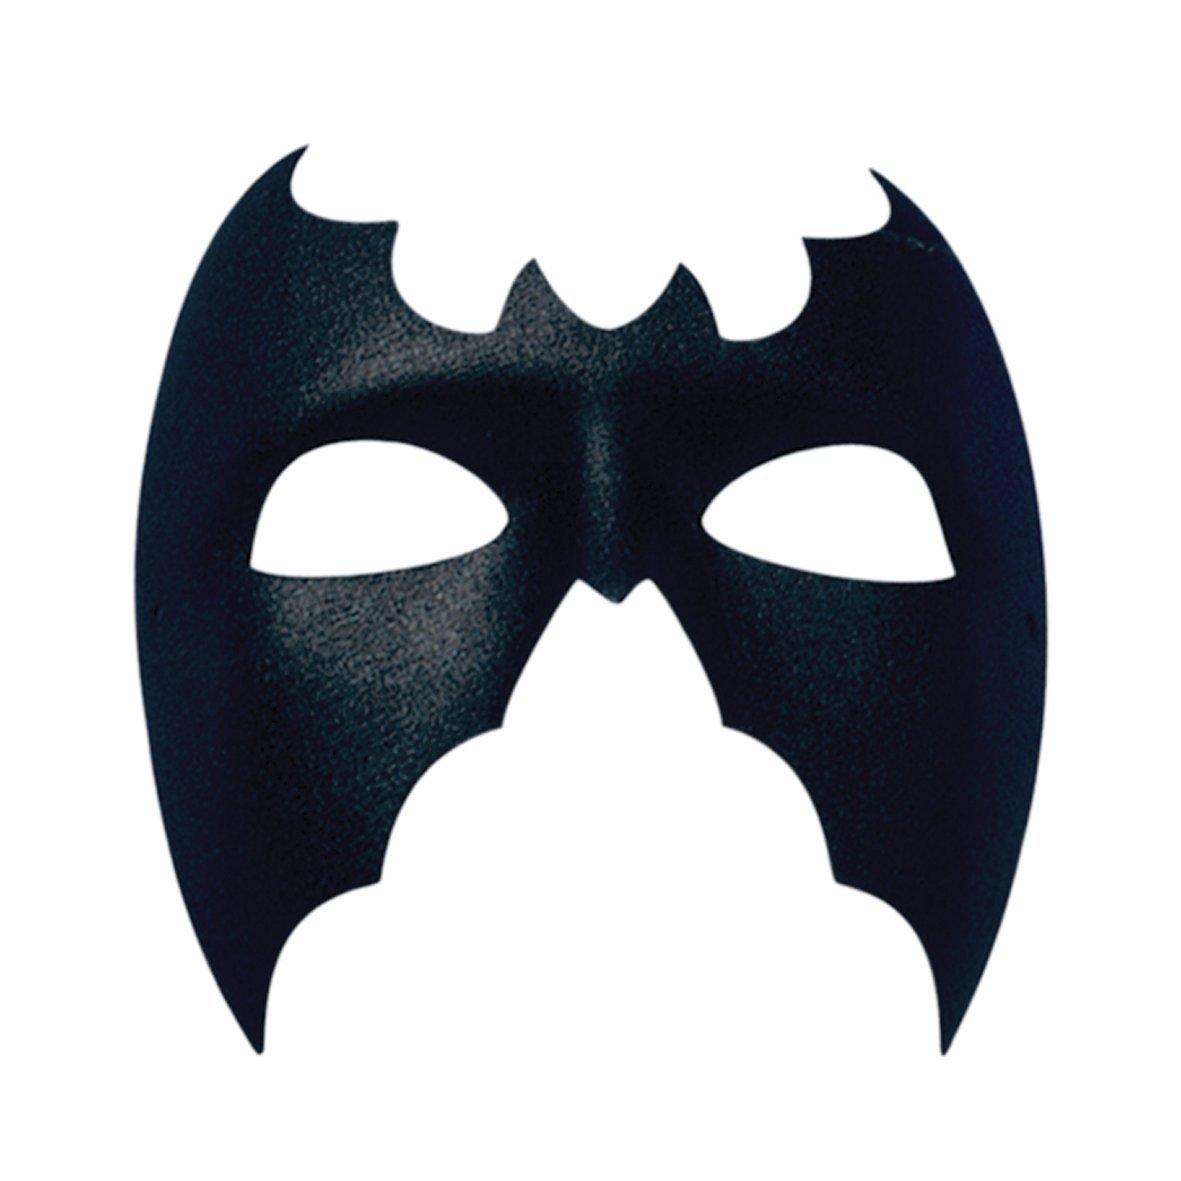 1181x1181 Eyemask Eye Mask Bat Large For Fancy Dress Masquerade Accessory